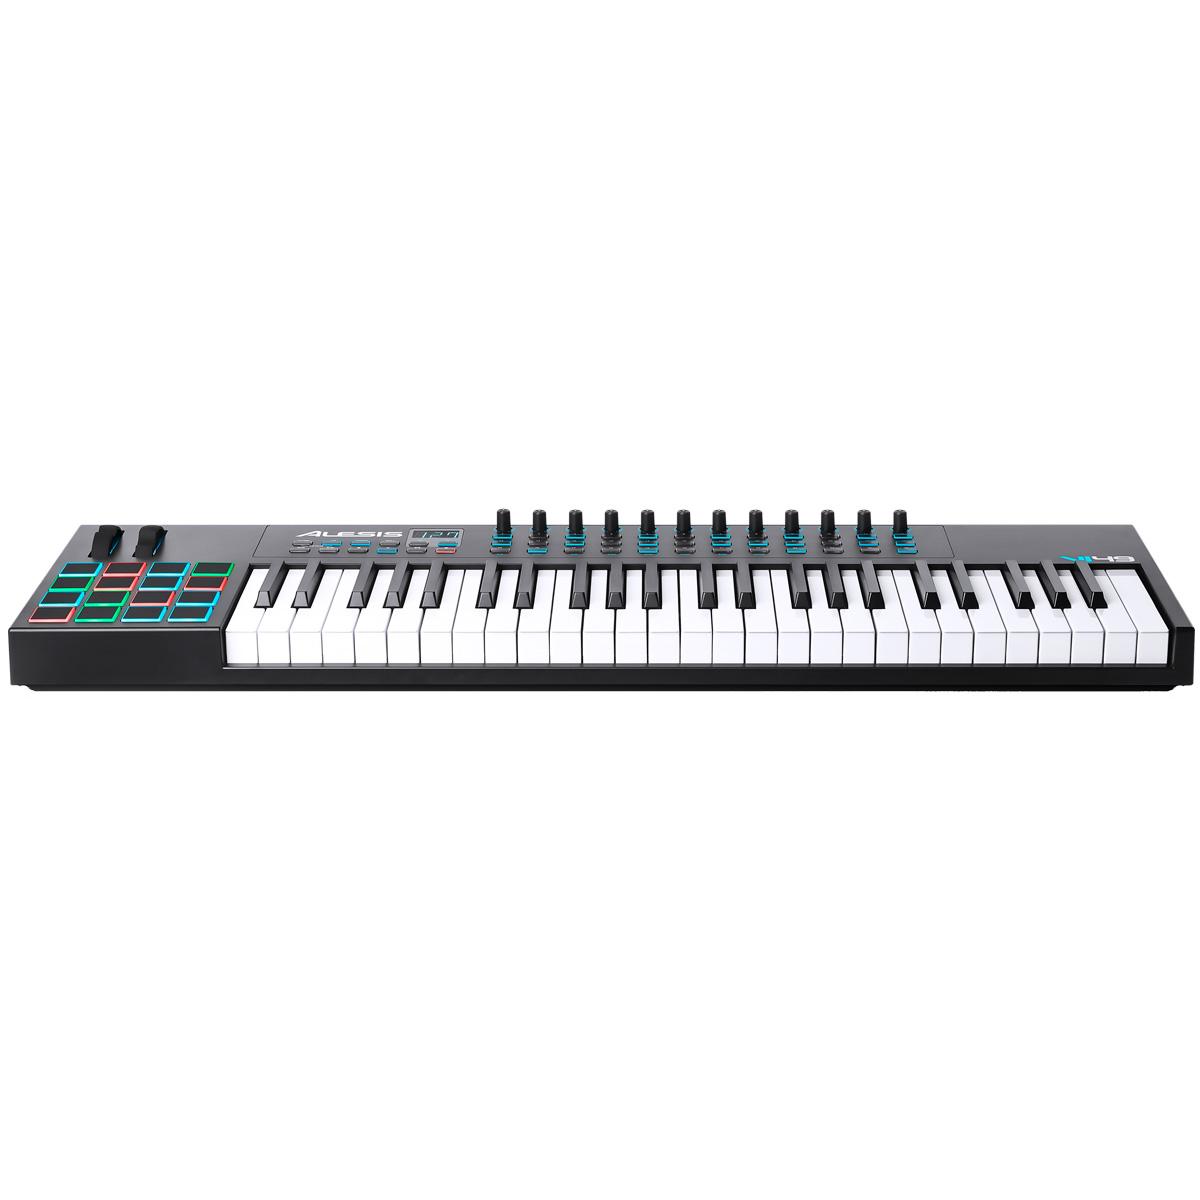 Teclado Controlador MIDI 49 Teclas c/ USB - VI 49 Alesis